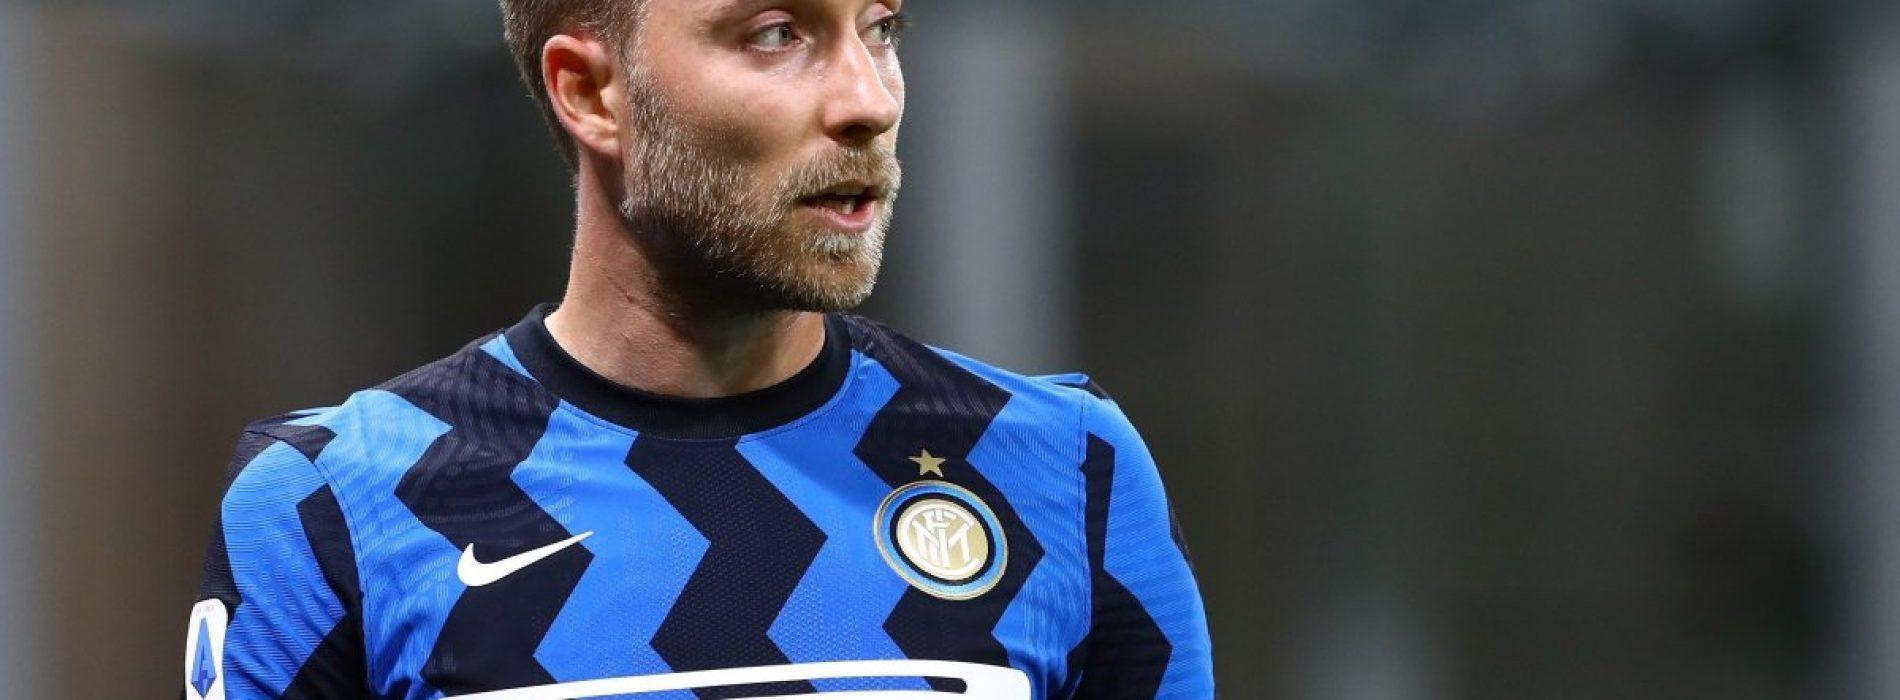 Coppa Italia, Eriksen in extremis: l'Inter vince il derby 2-1 e va in semifinale